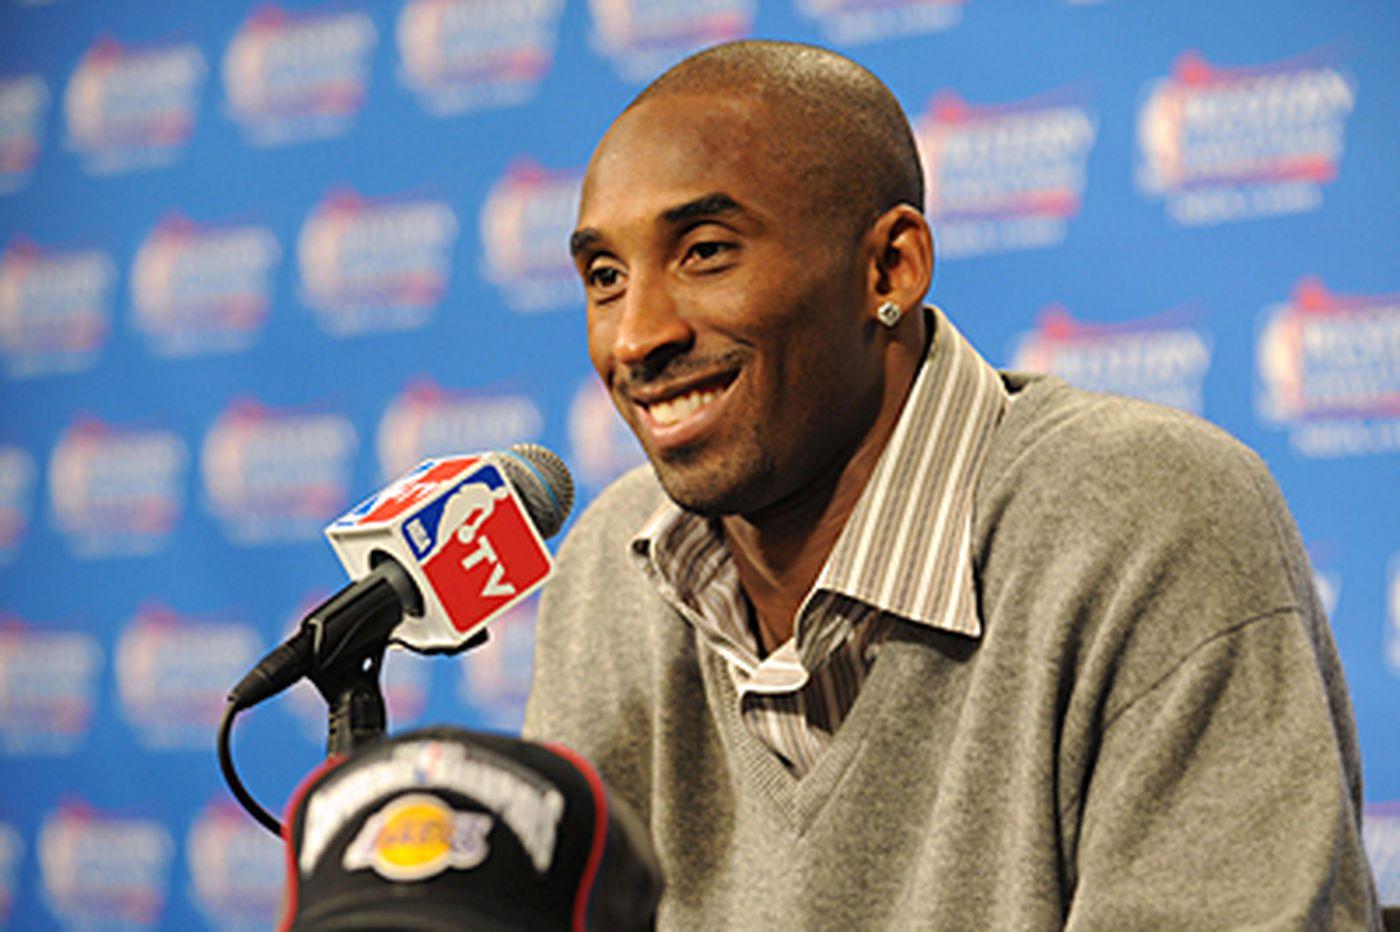 Celtics-Lakers brings back memories